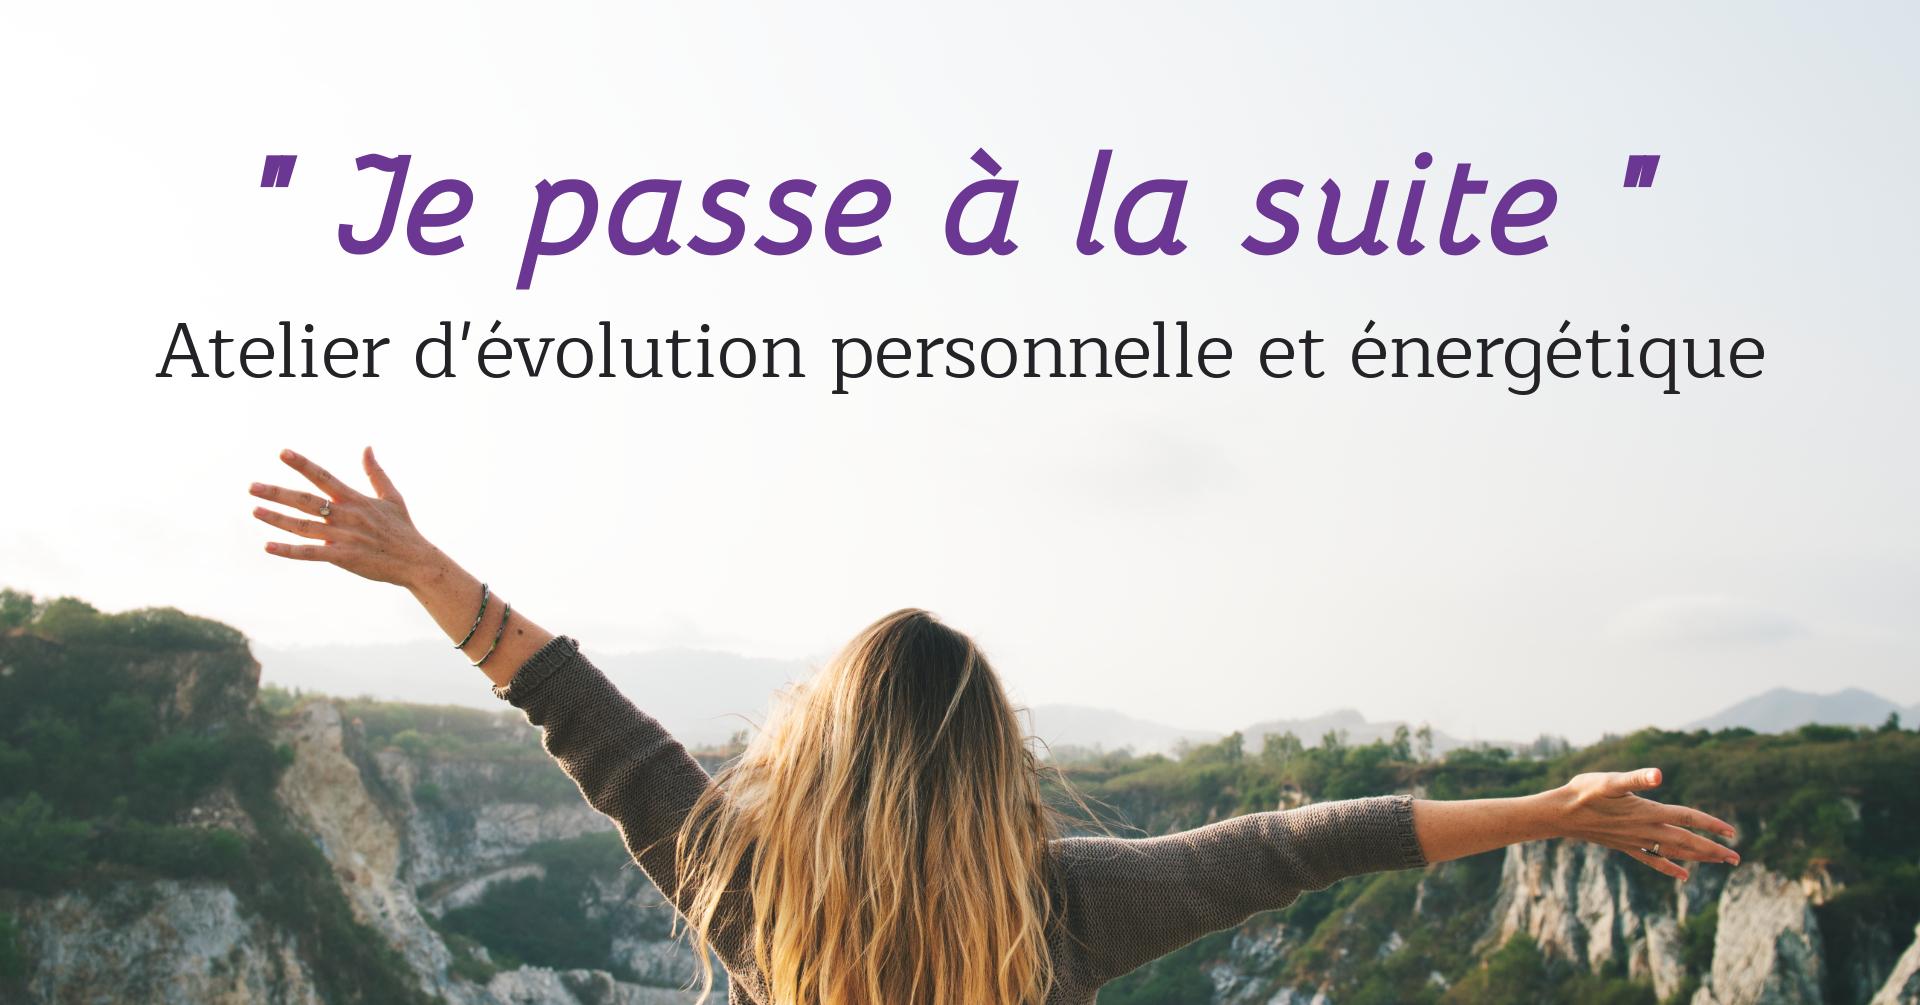 Atelier évolution personnelle et énergétique - Toulouse Balma